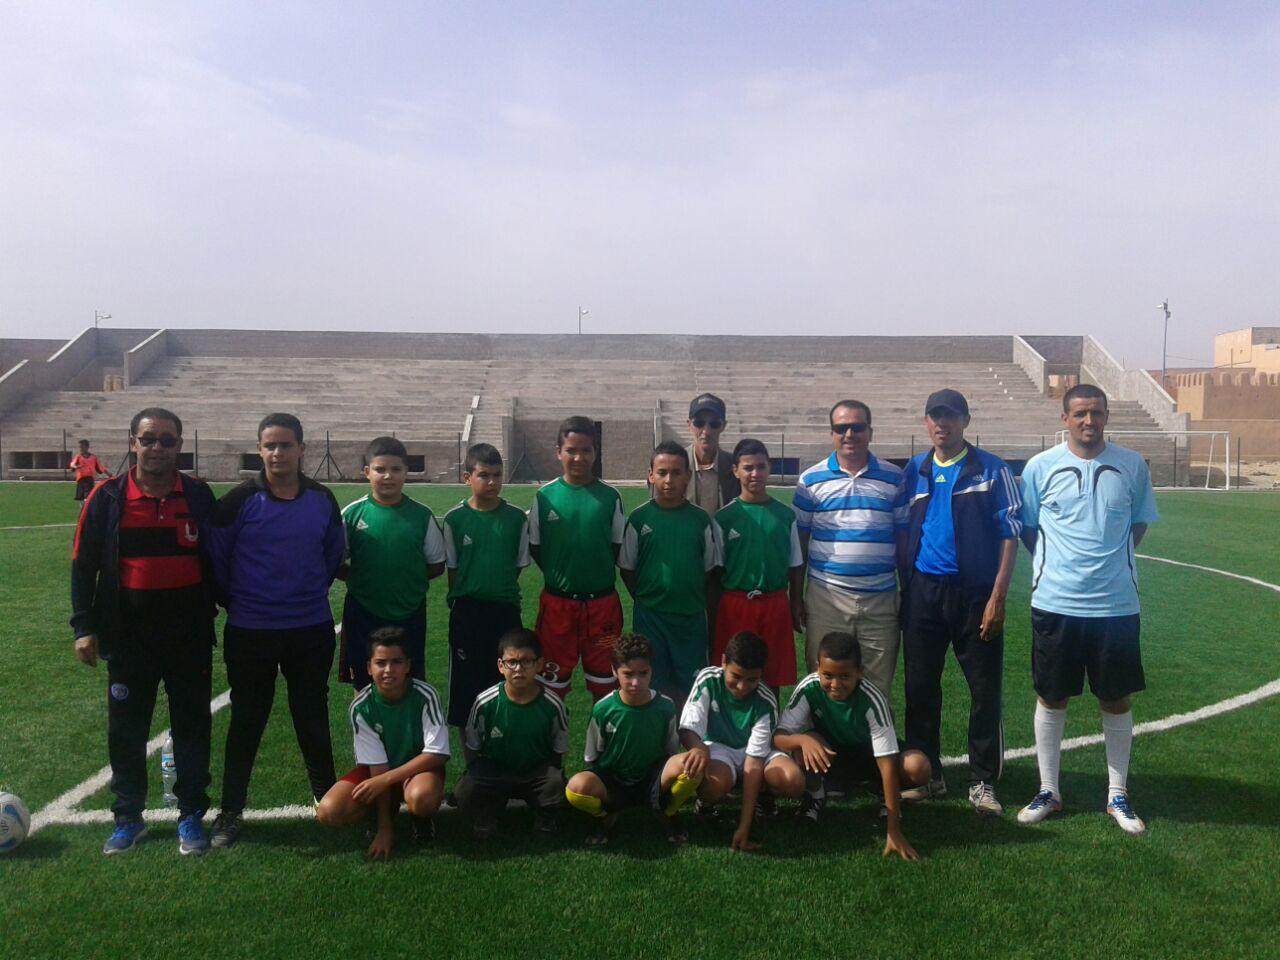 جماعة سيدي بوعبداللي تنظم نشاط رياضي إحتفالا بعيد العرش المجيد